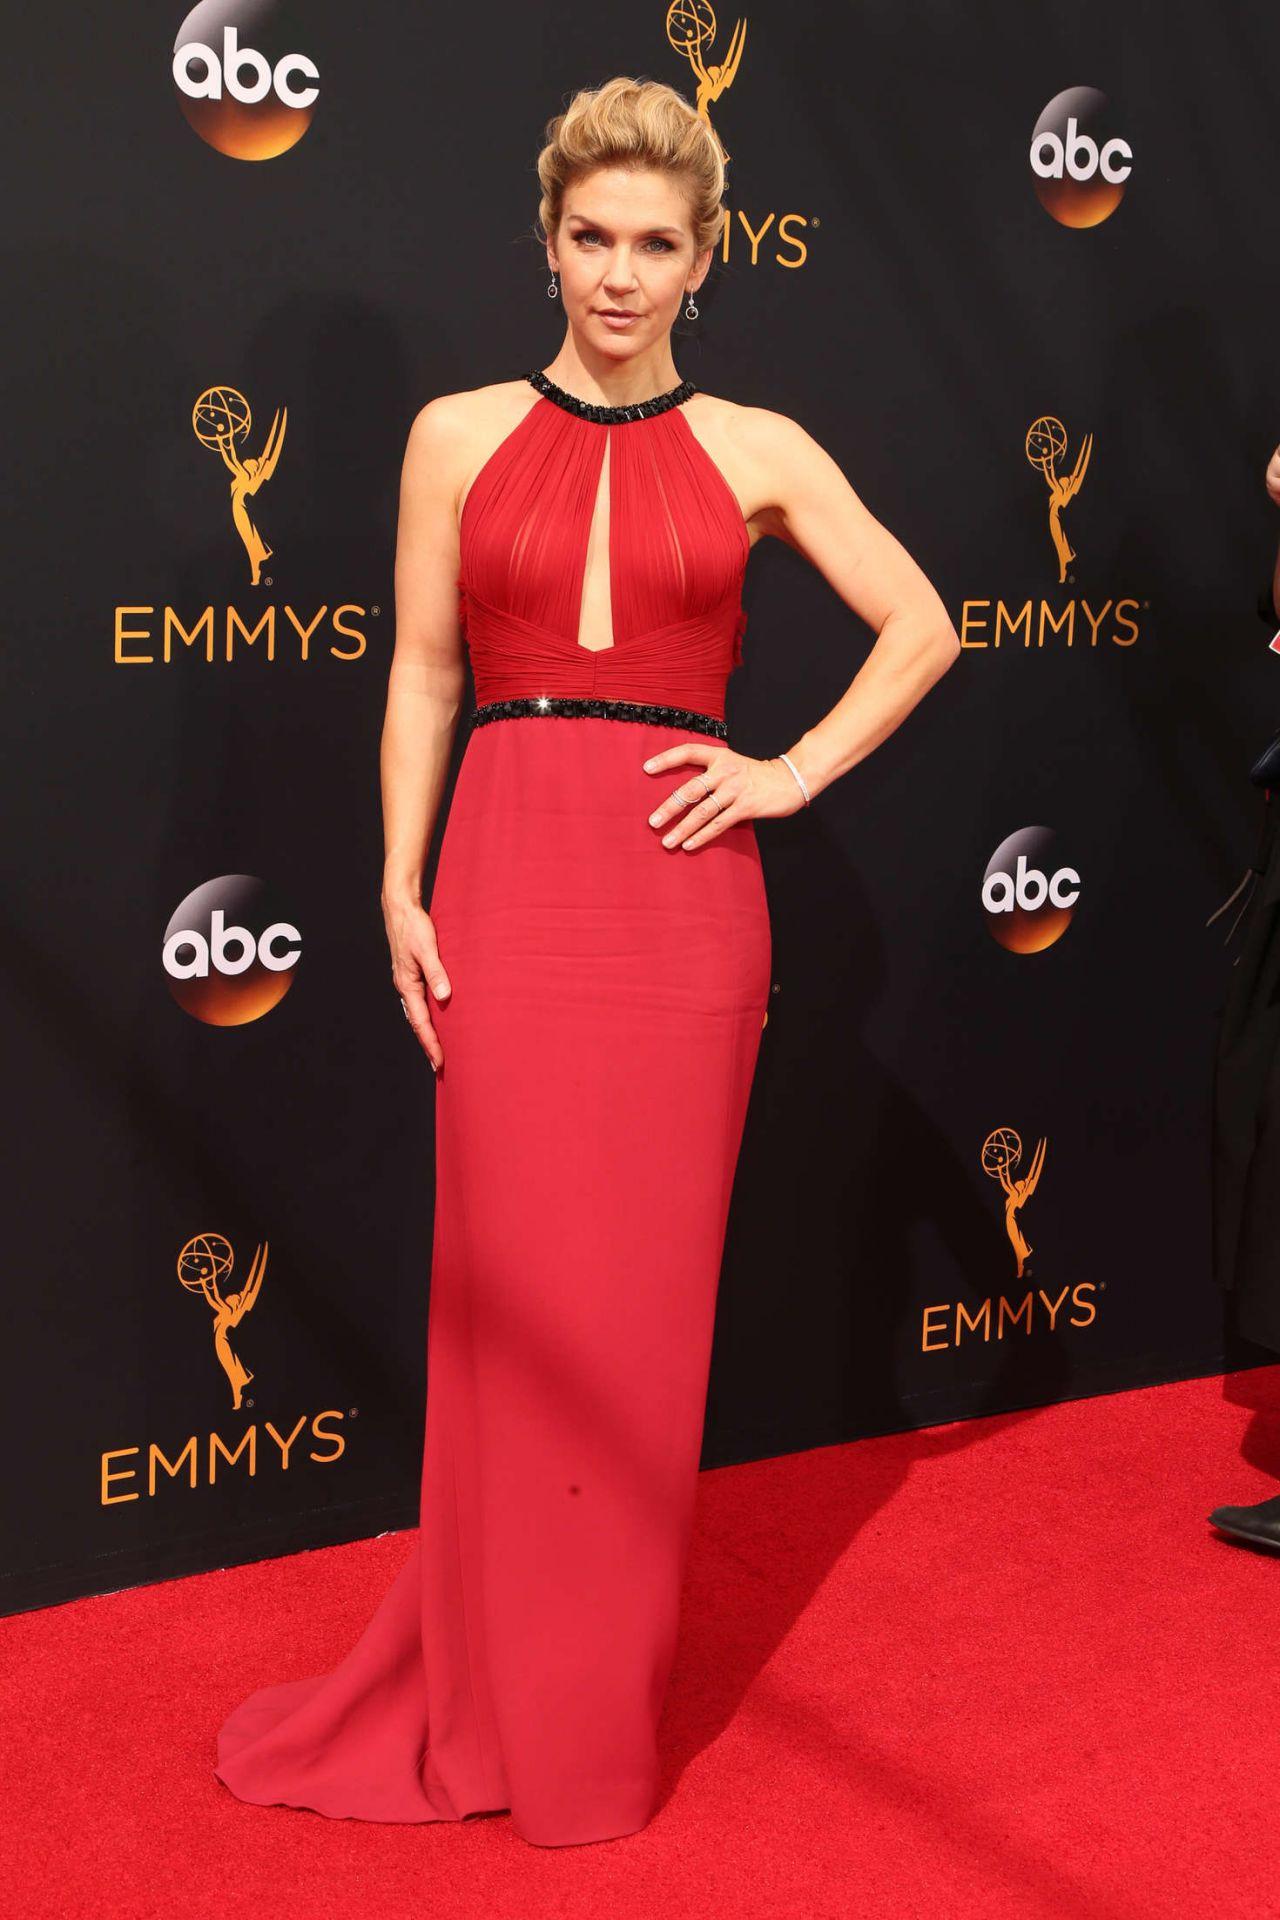 Rhea Seehorn Photos Photos - AMC Networks 69th Primetime